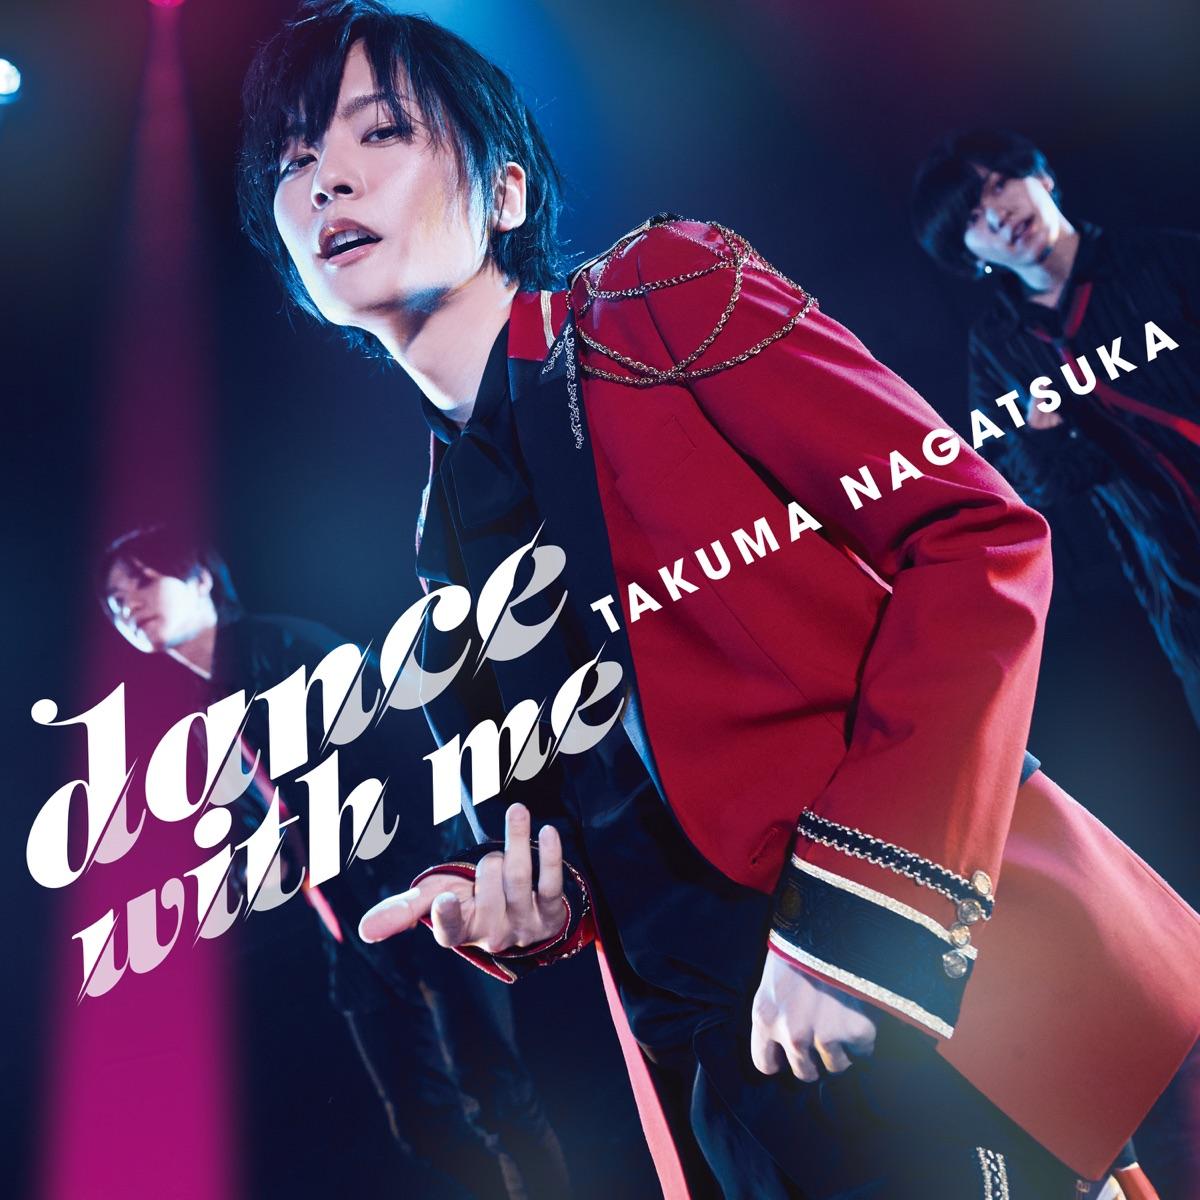 『永塚拓馬 - dance with me』収録の『dance with me』ジャケット